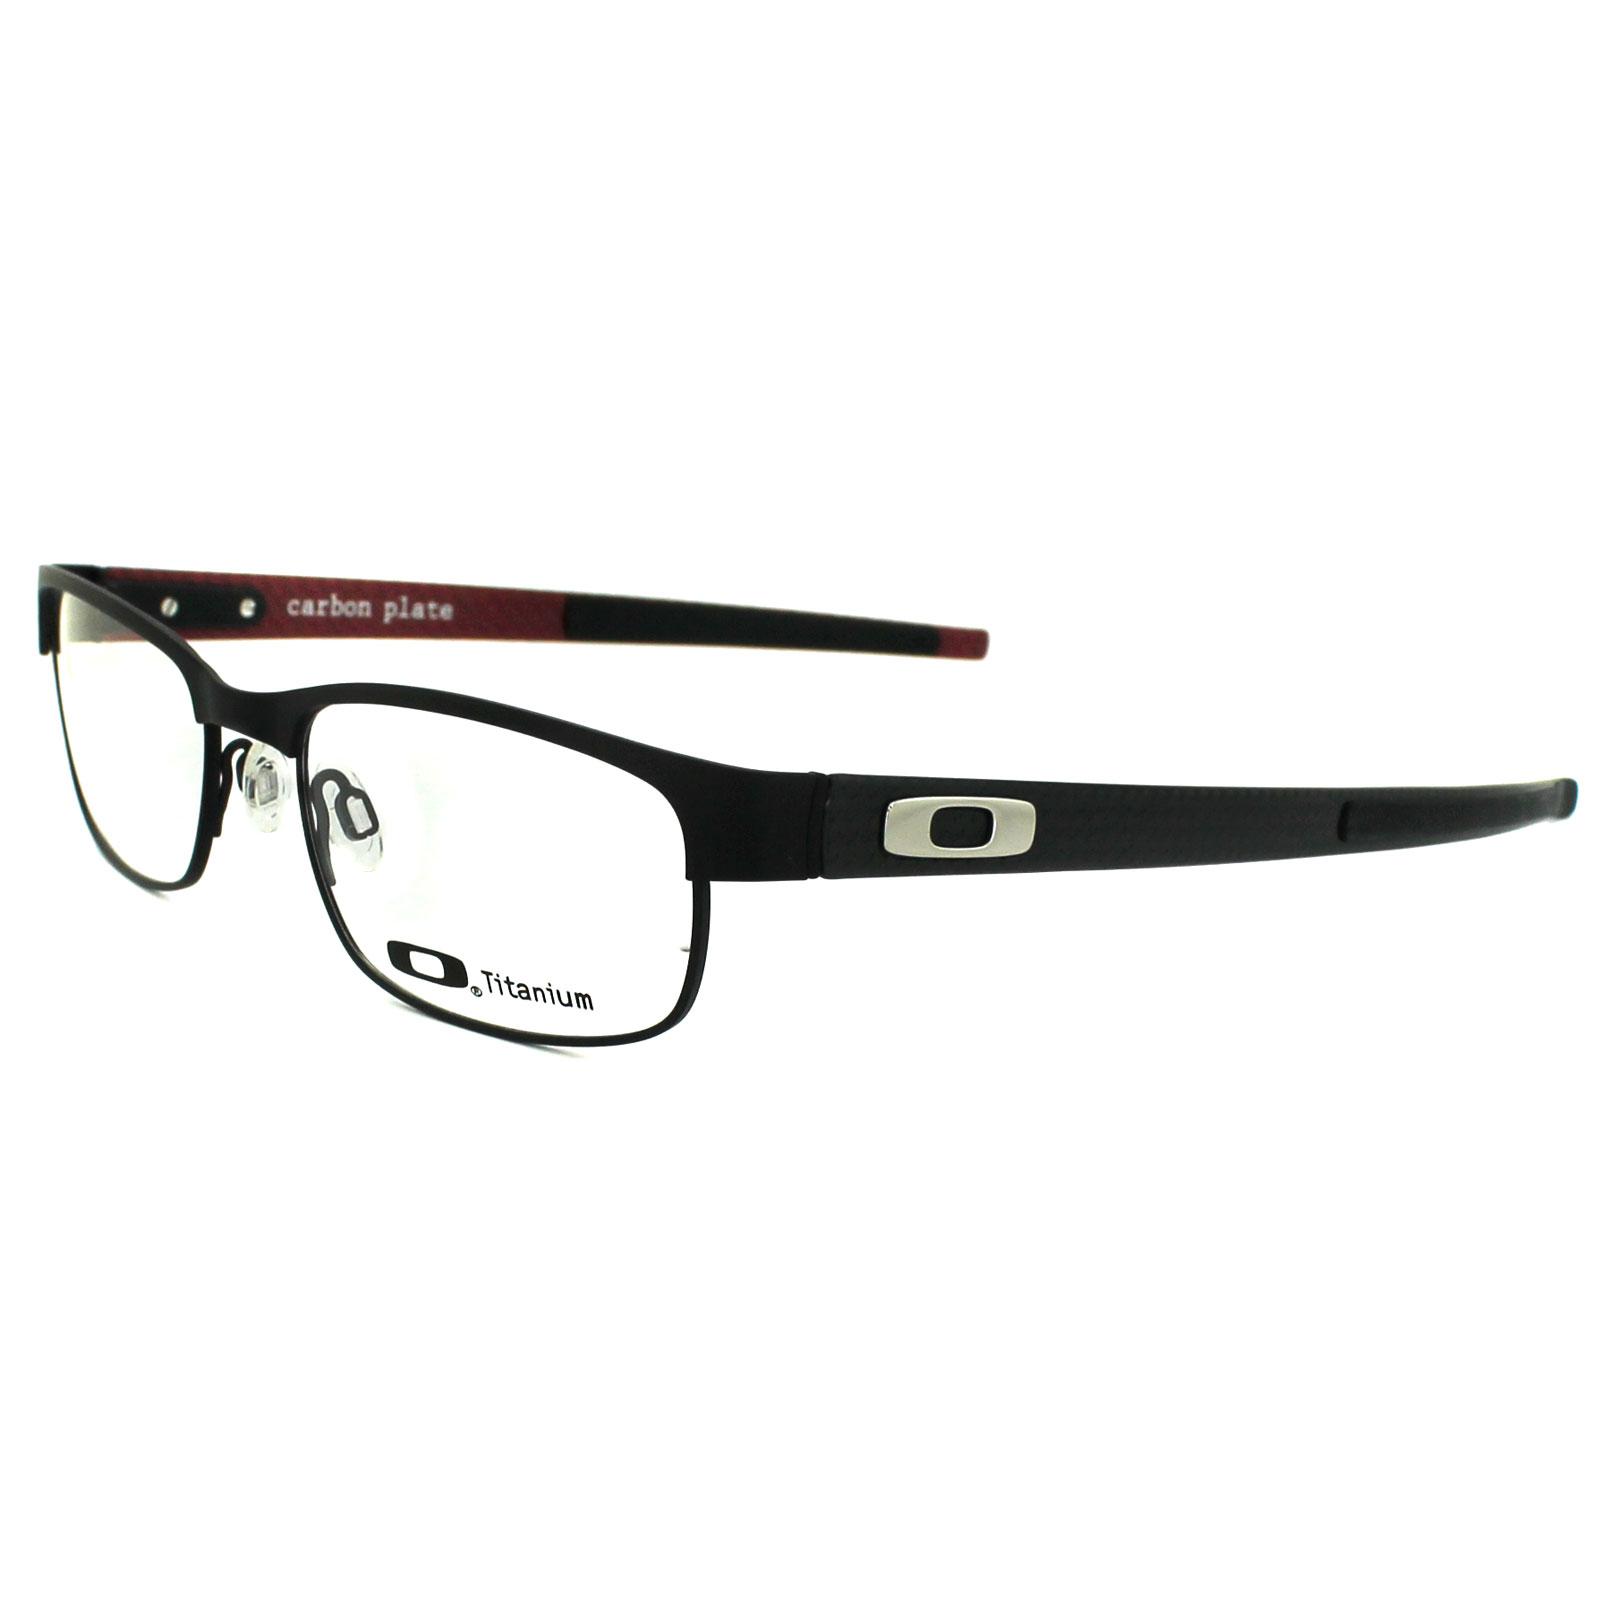 Oakley Glasses Frames Carbon Plate 5079 01 Matt Black Ebay